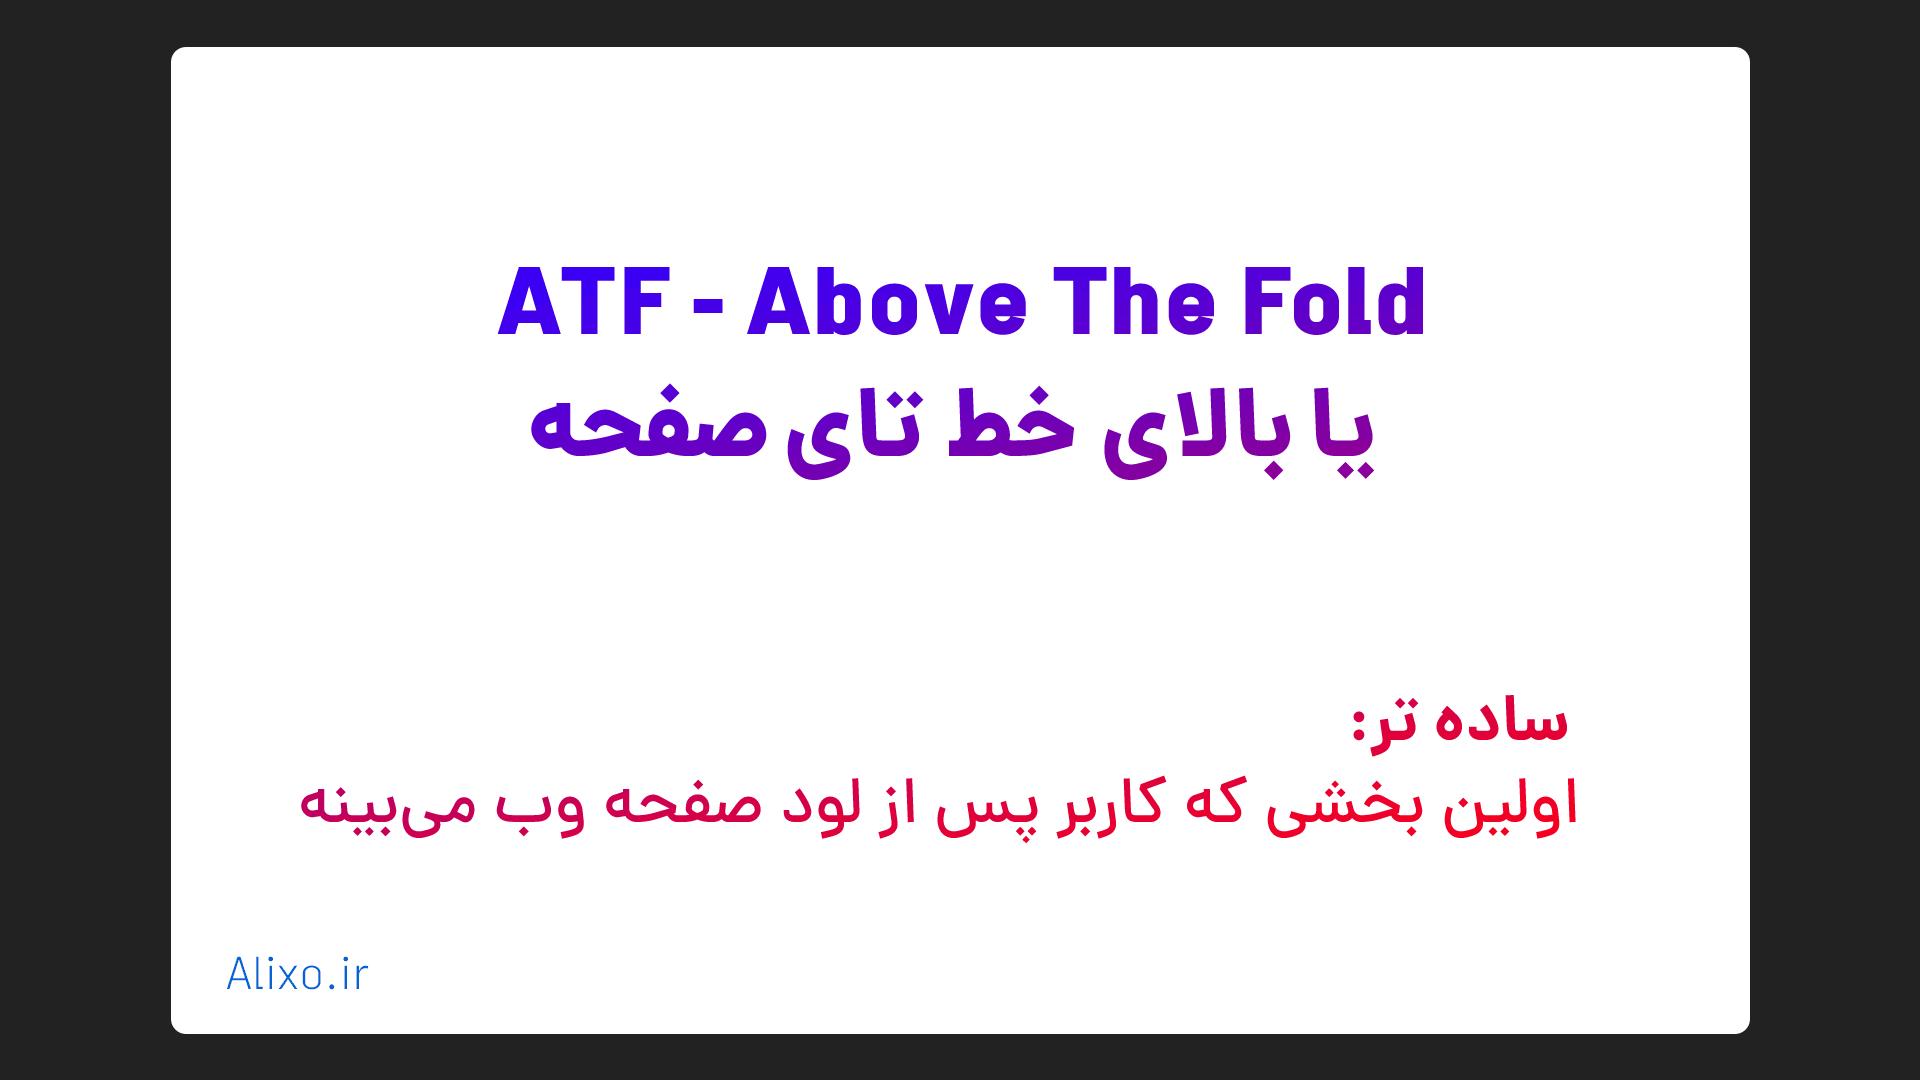 بالای تای صفحه یا ATF